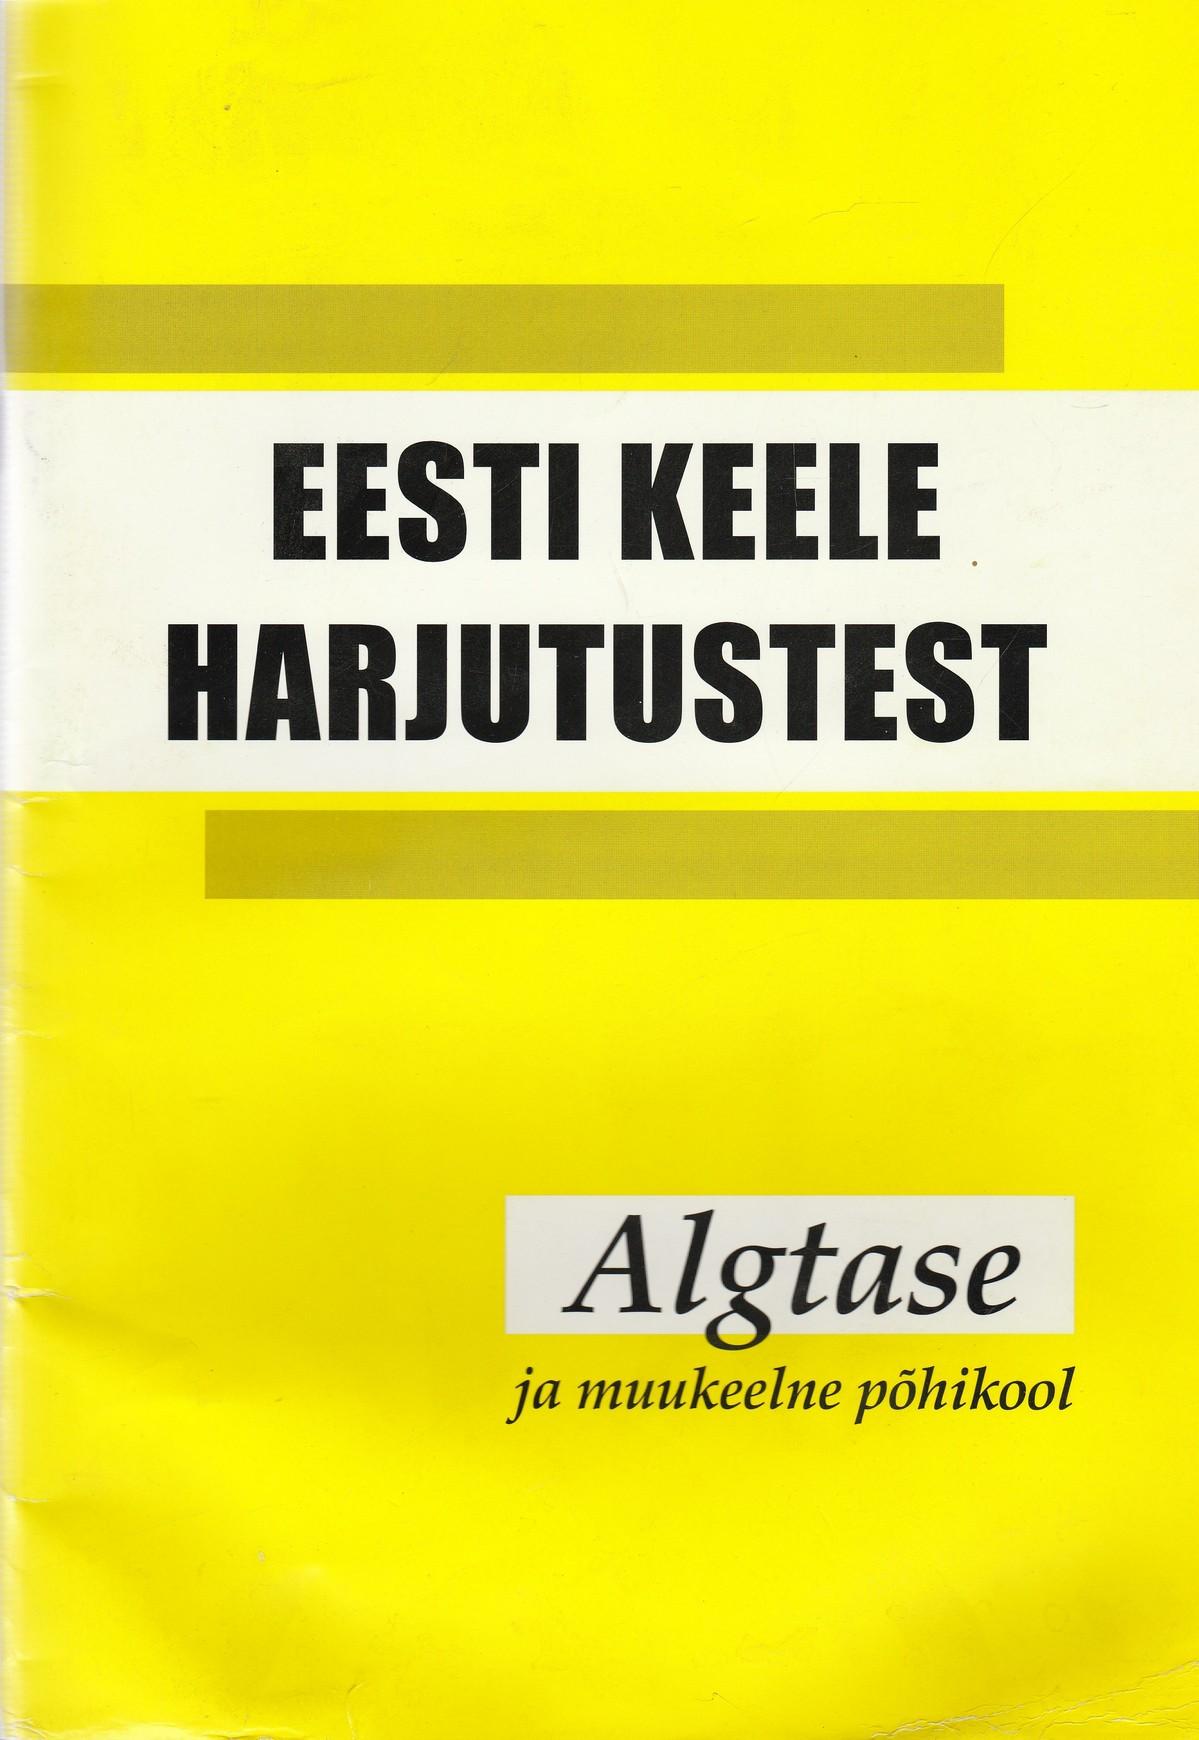 Eesti keele harjutustest